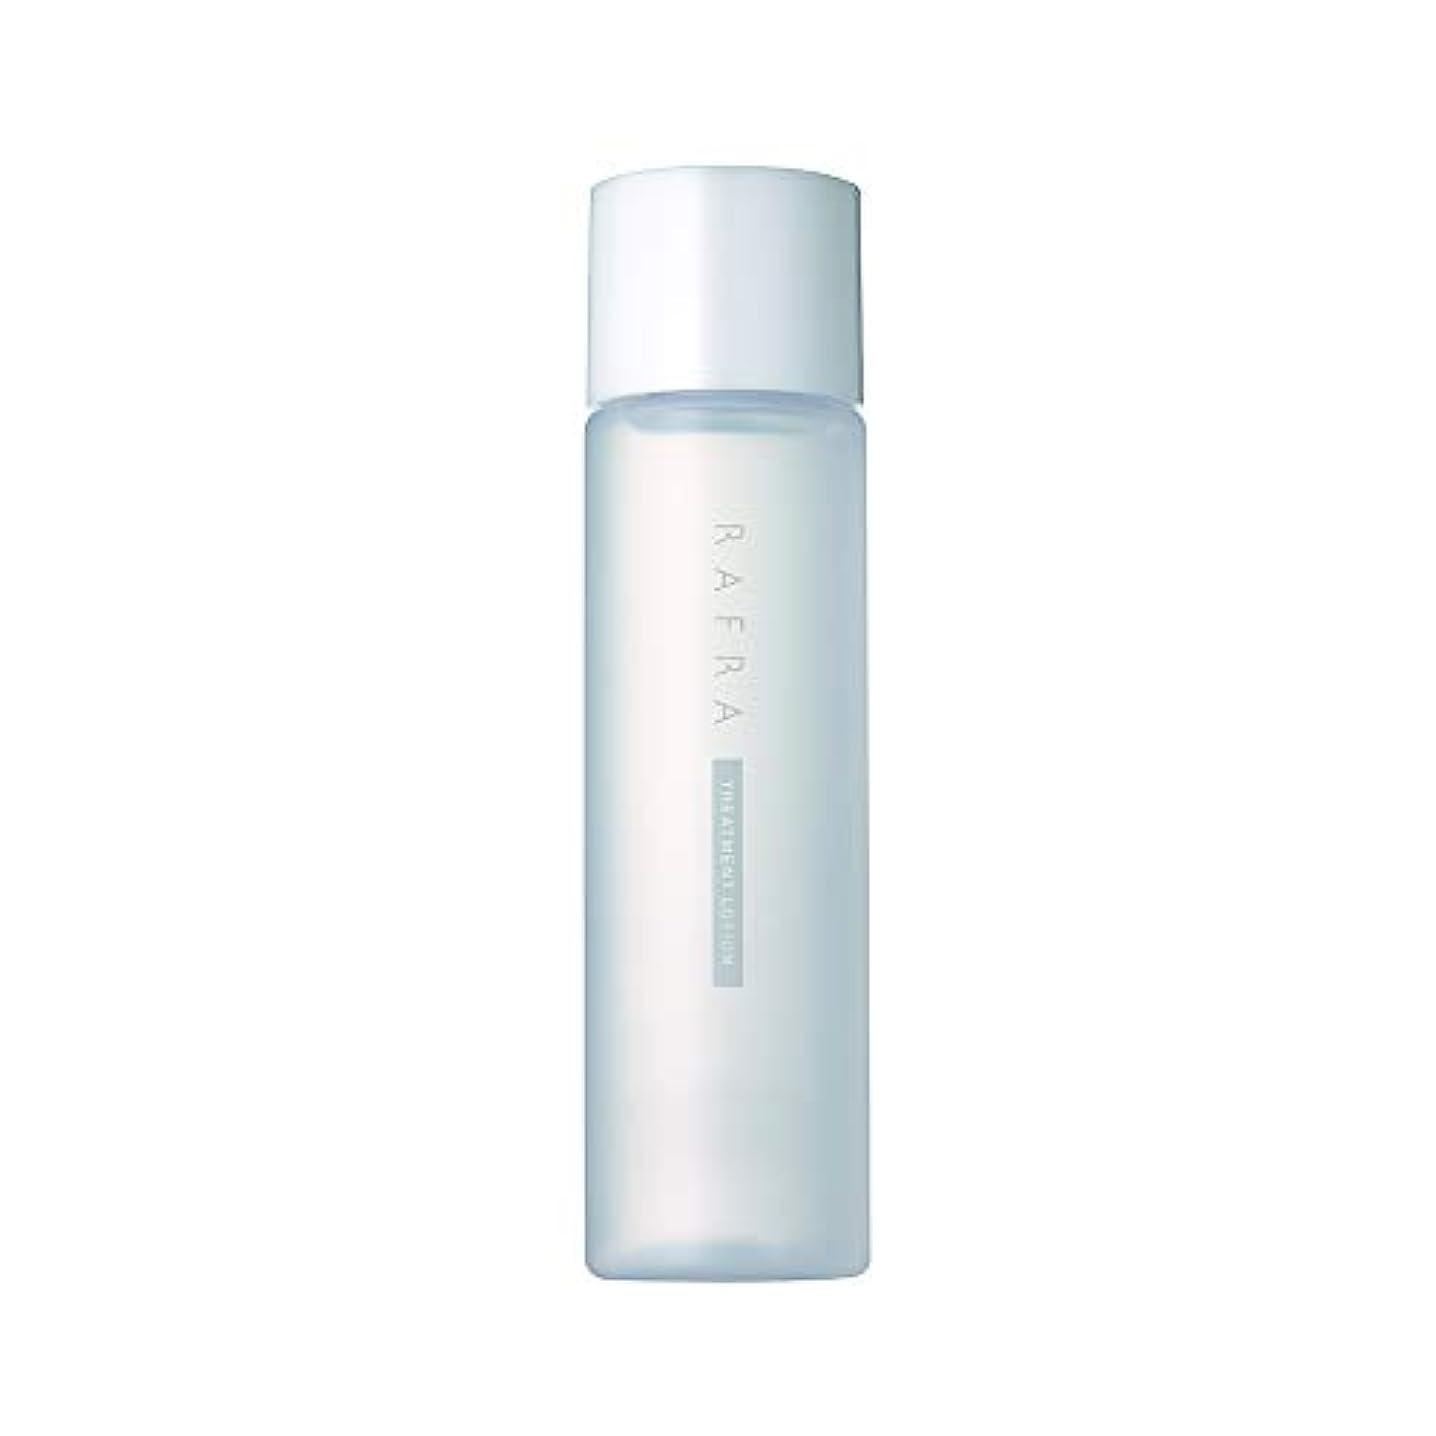 事業内容スチュワードスタックラフラ トリートメントローション 150ml 化粧水 ブースター 導入液